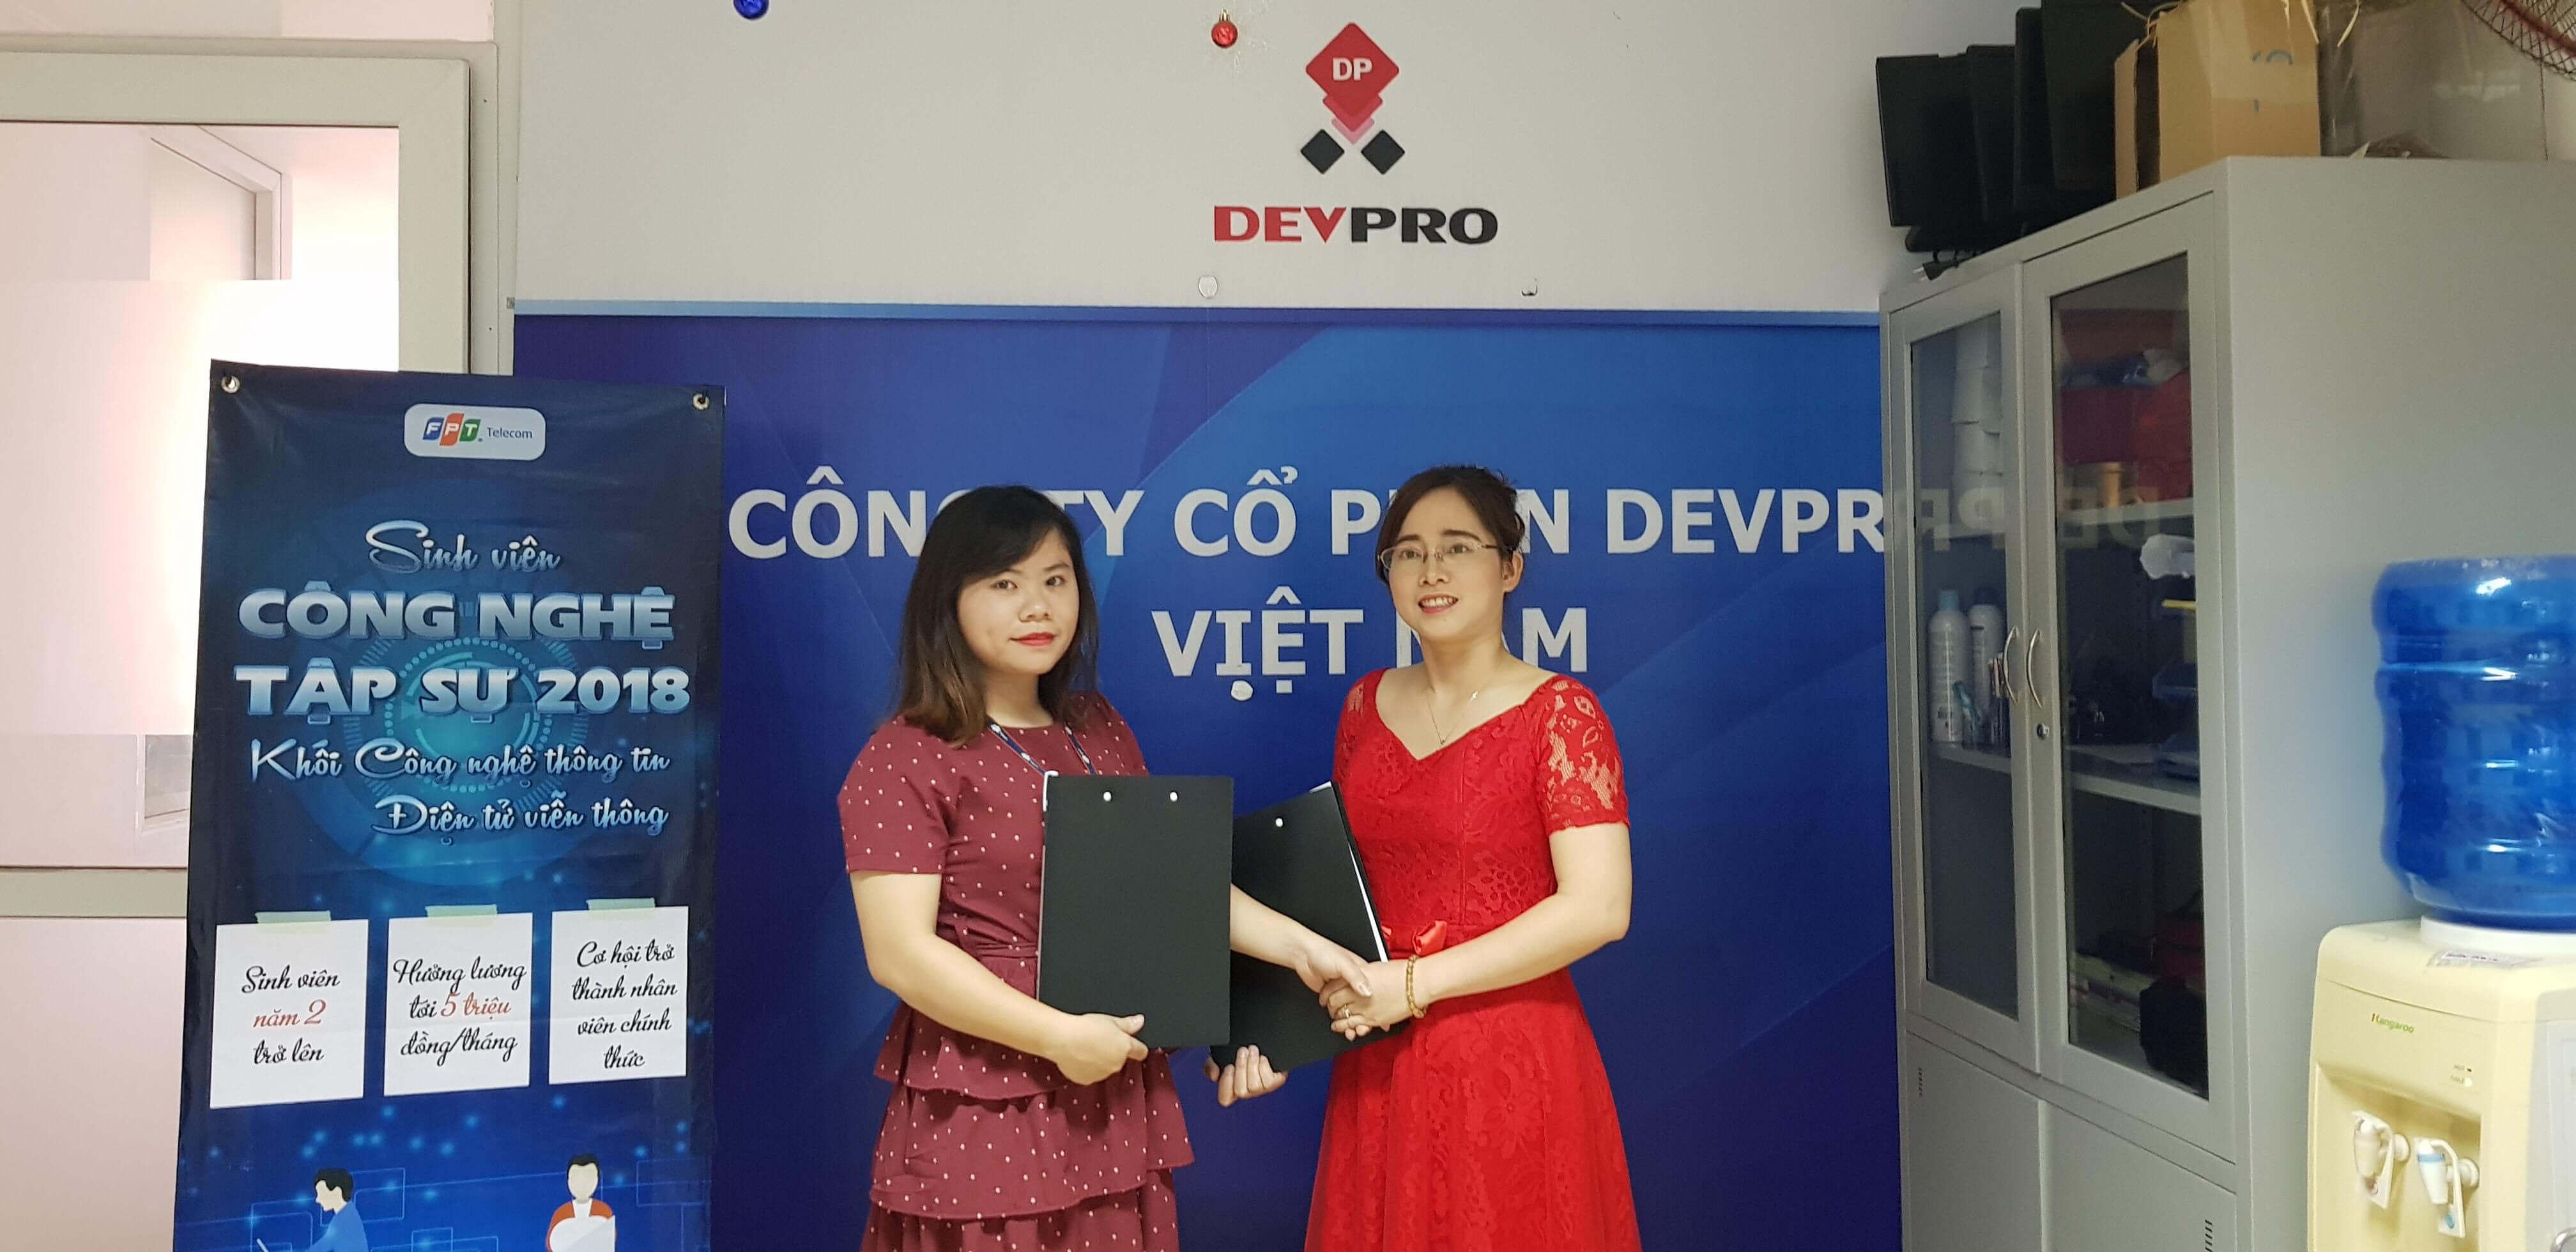 Lễ Ký Kết Hợp Tác giữa DevPro Việt Nam và FPT Telecom